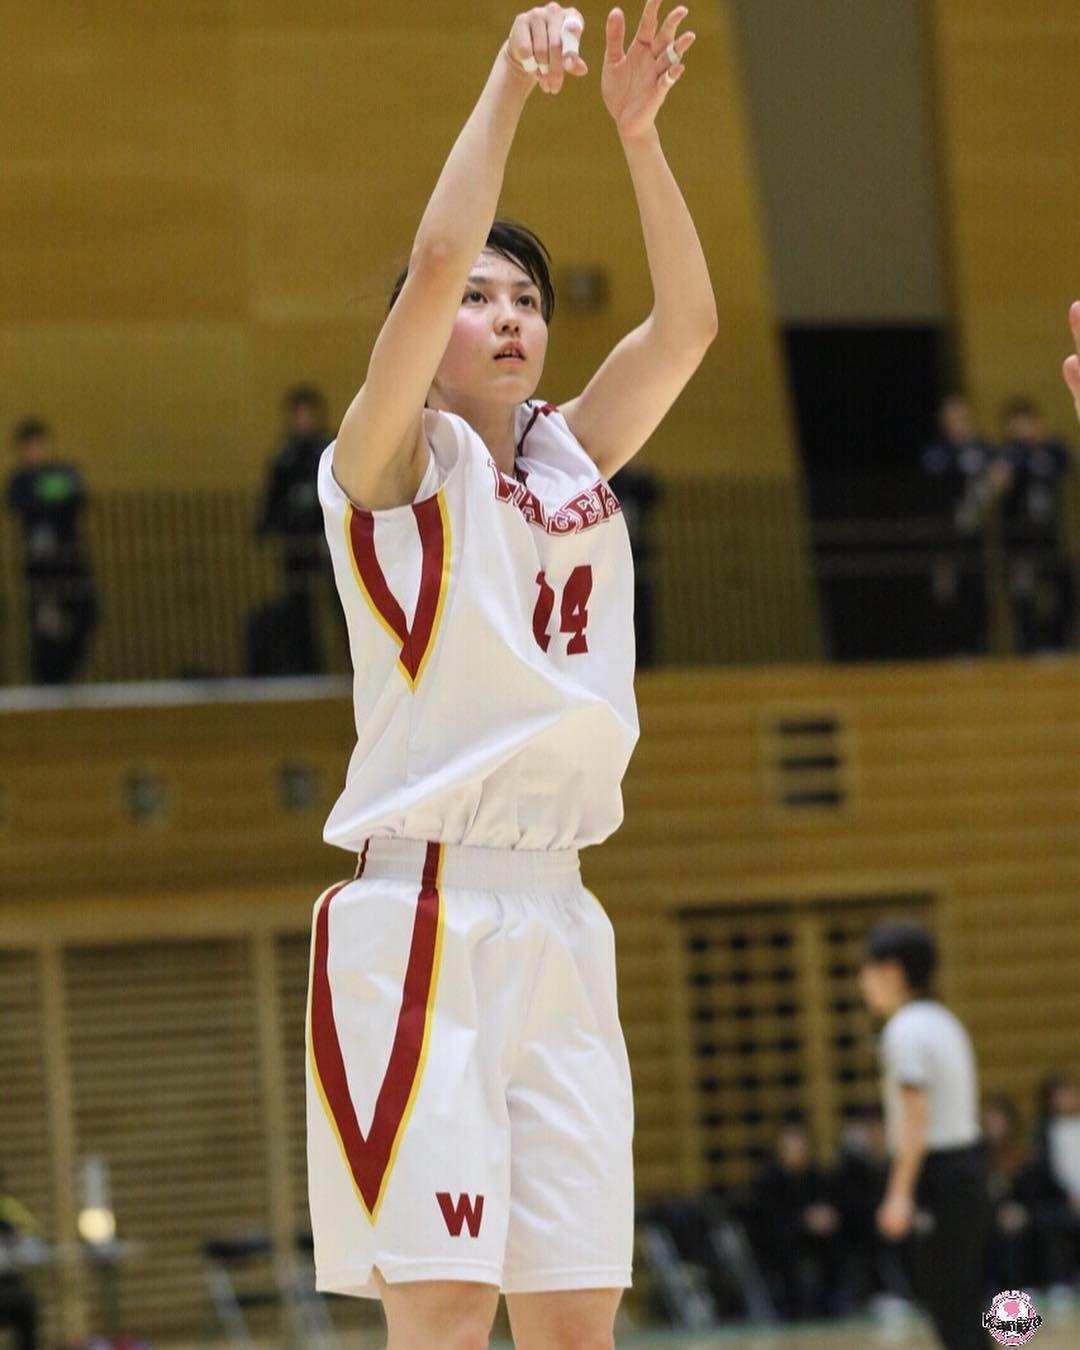 関東大学女子バスケットボール連盟 On Instagram 3 3女子日本代表 候補選手 3月21日 24日に行われる 3x3 女子日本代表候補強化合宿に参加する代表候補選手 19名 が発表されました 本連盟からは以下4名が選出されていま 女子バスケットボール